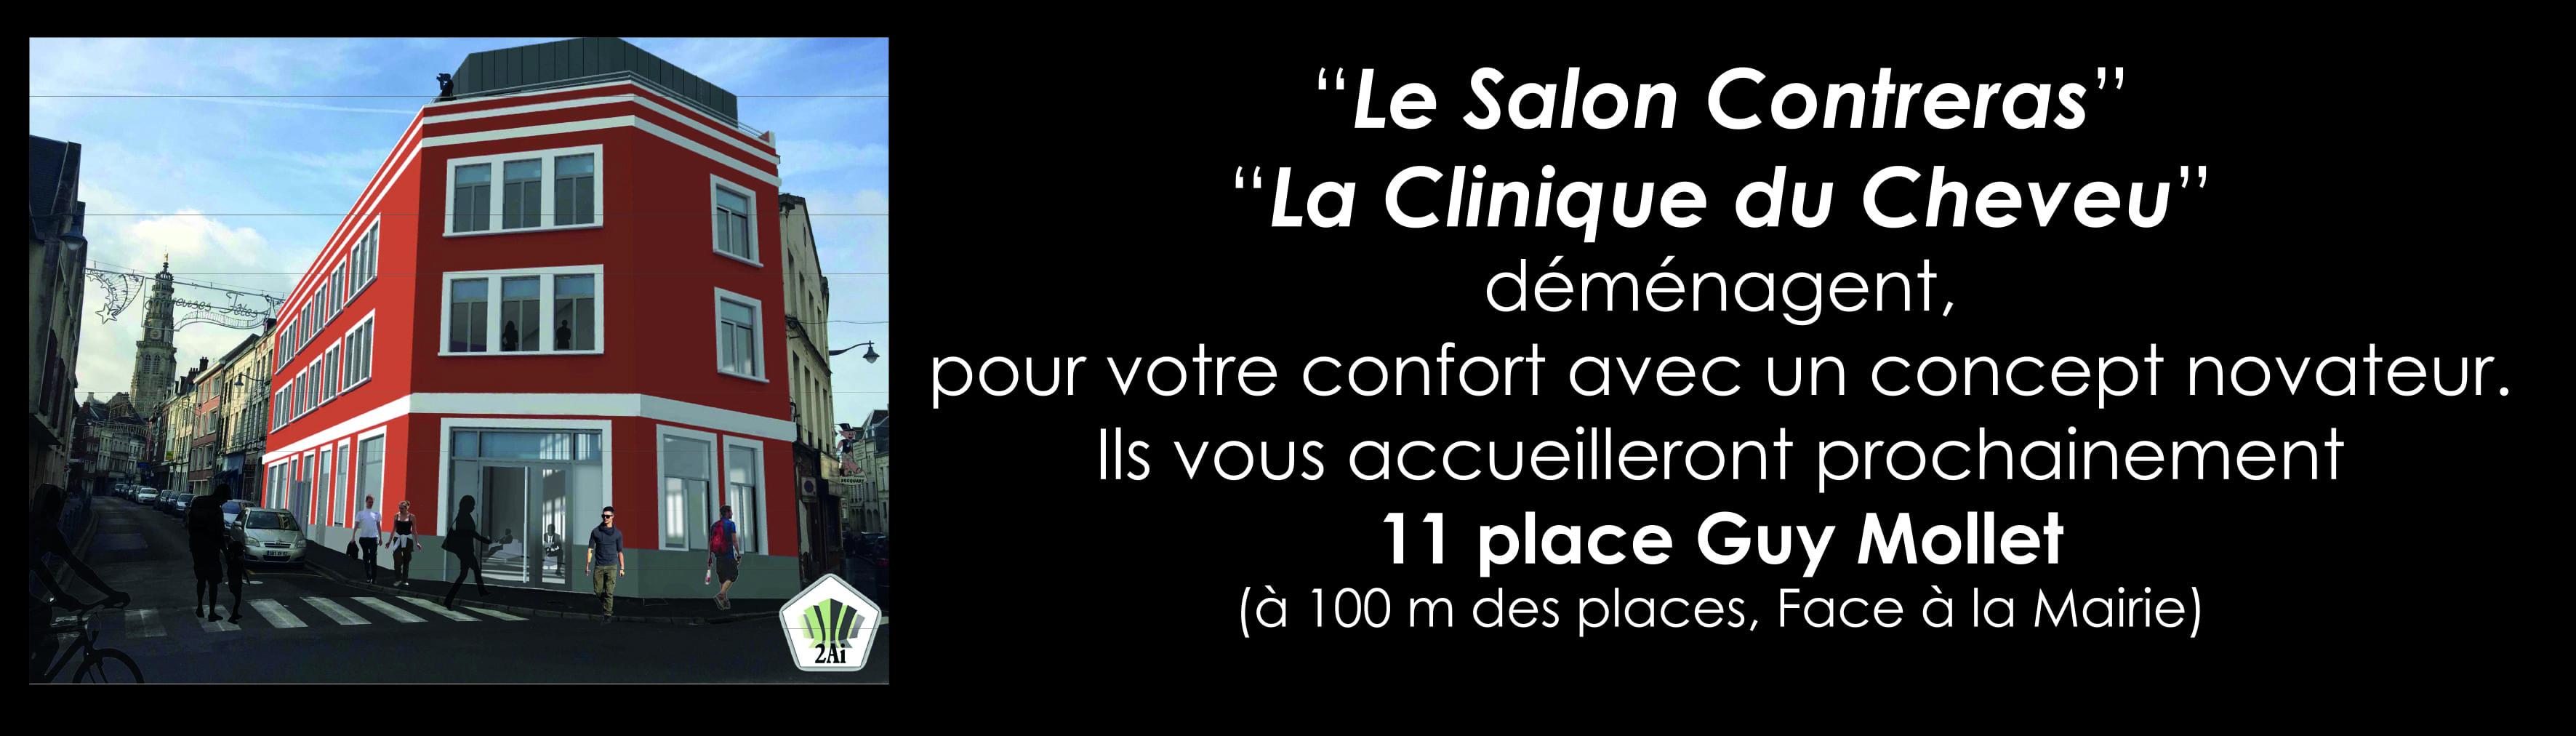 Lesalon-contreras.fr - Déménagement 2019